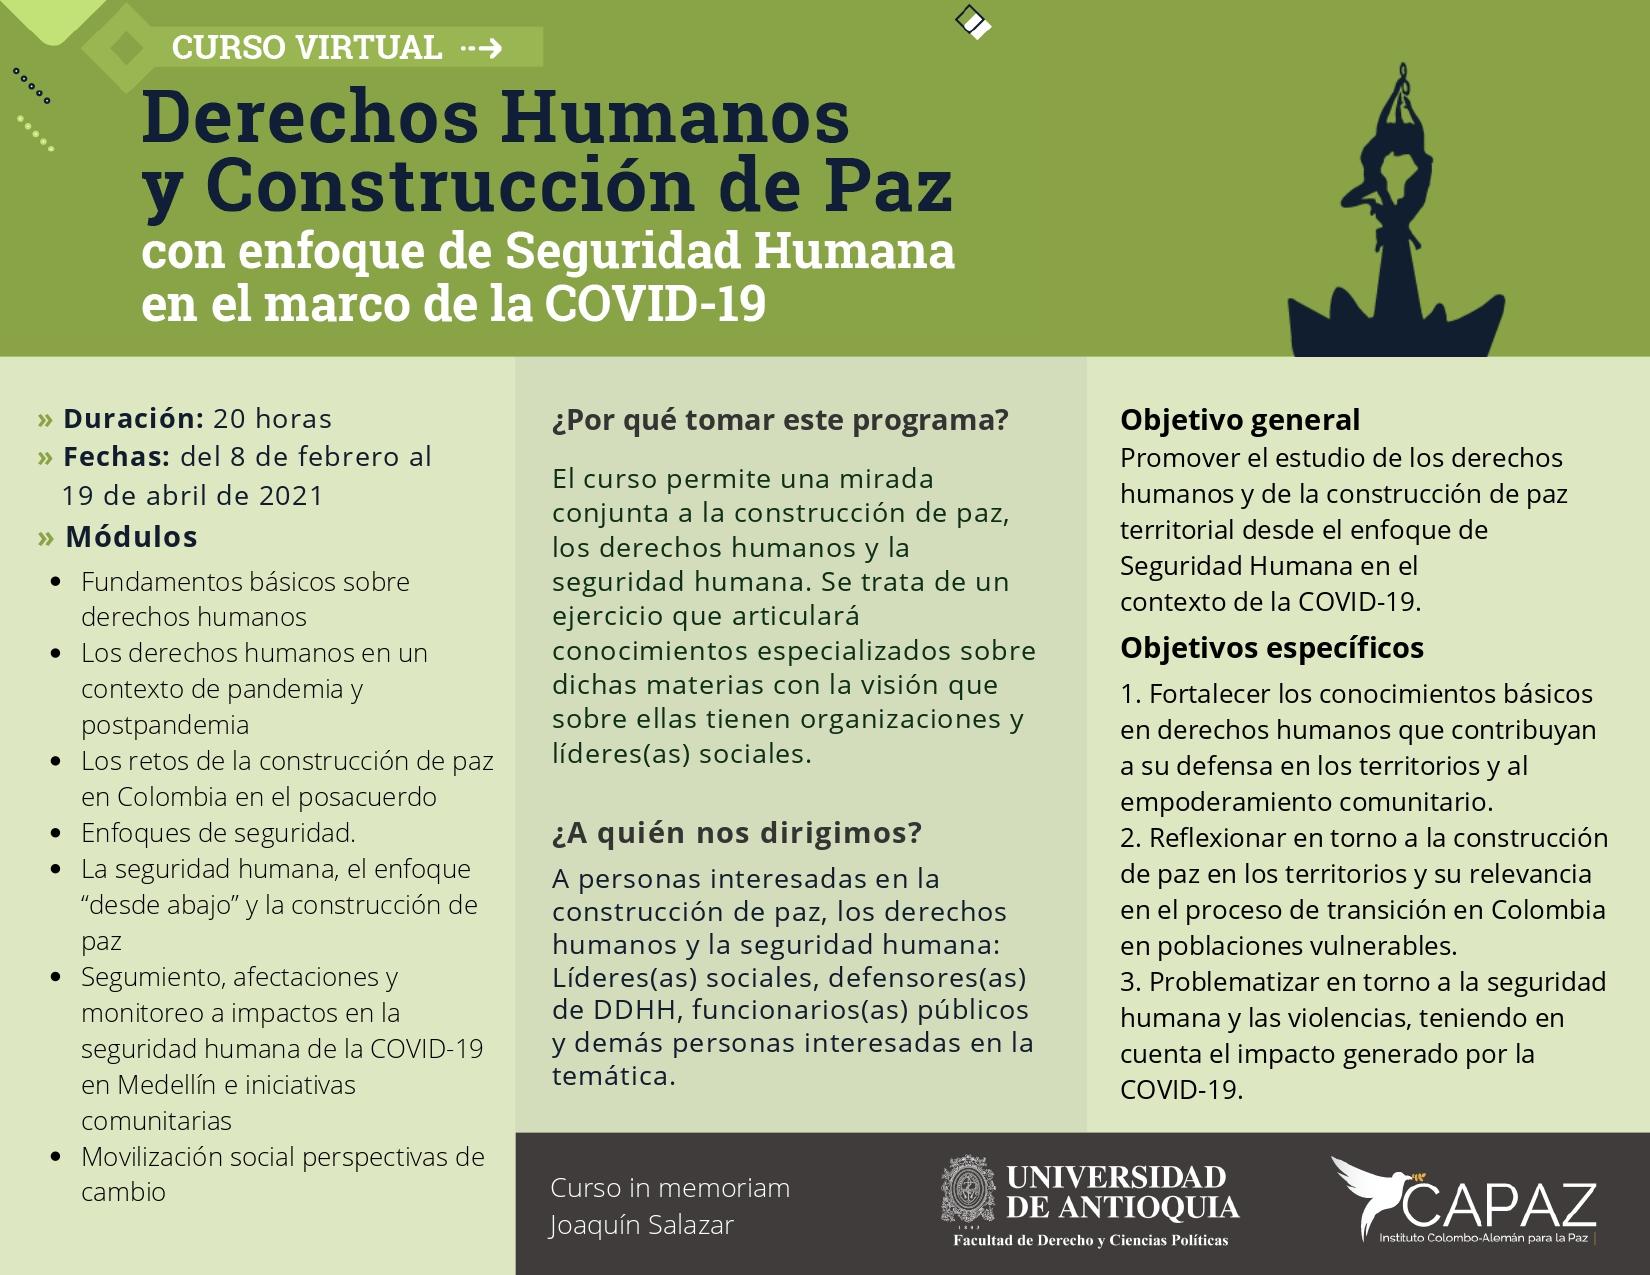 Curso Virtual: Derechos Humanos y construcción de paz con enfoque de seguridad humana en el marco del Covid - 19